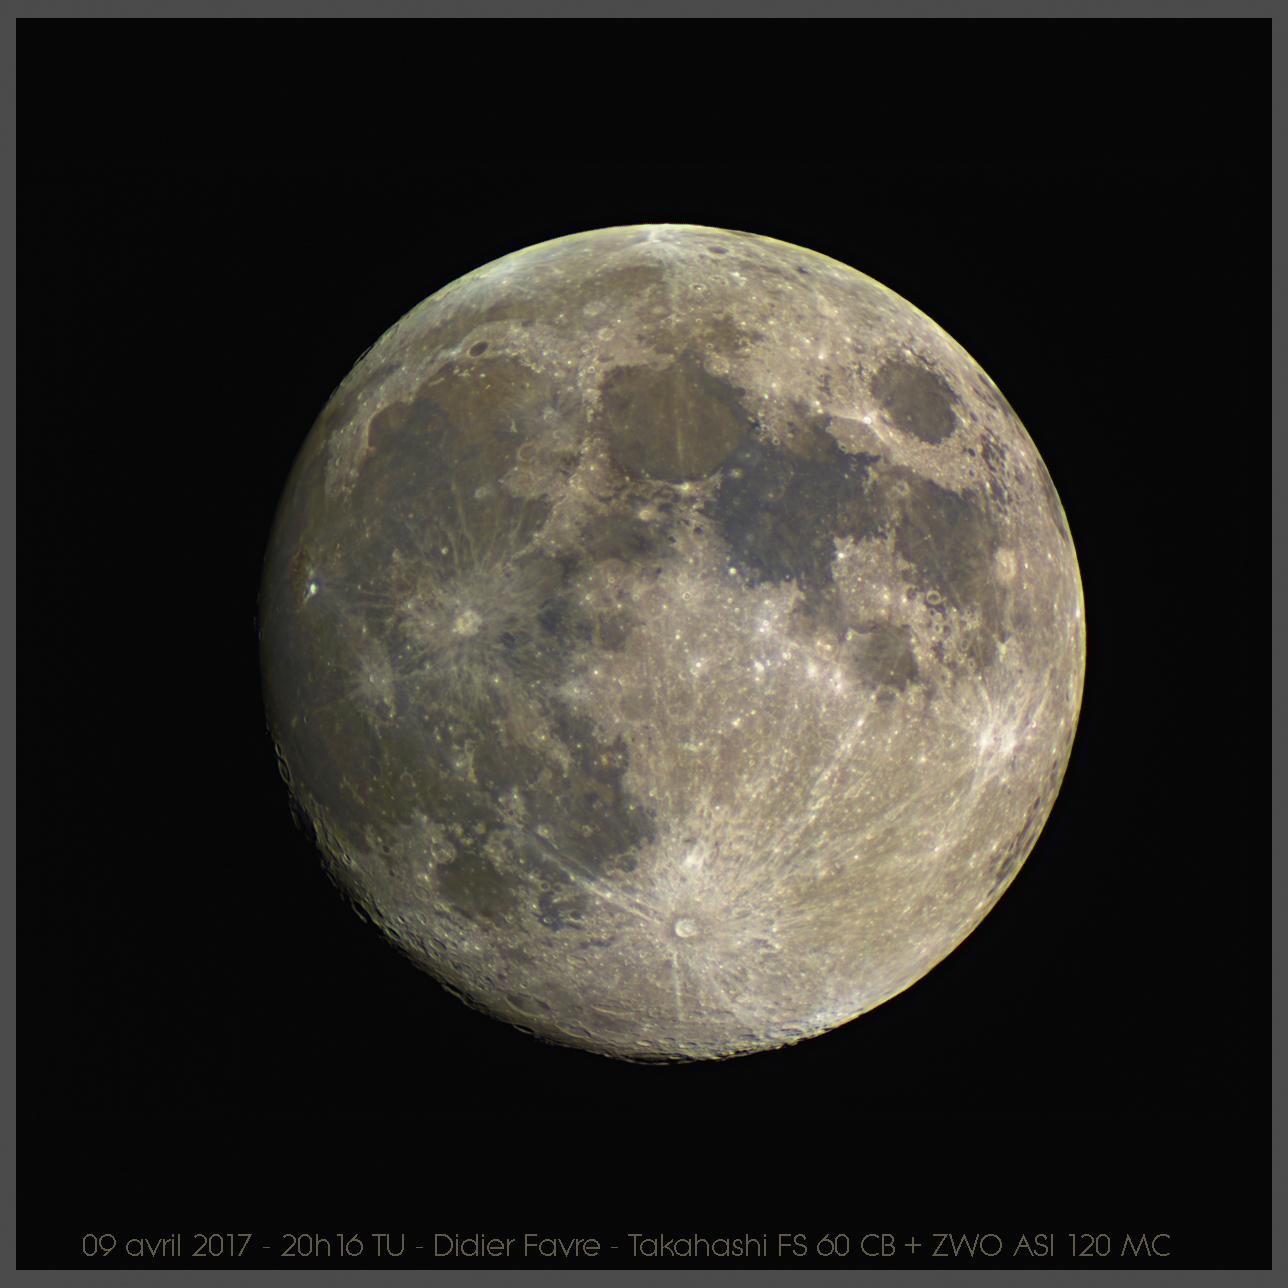 Moon_090417_ZWO ASI120MC_20h16